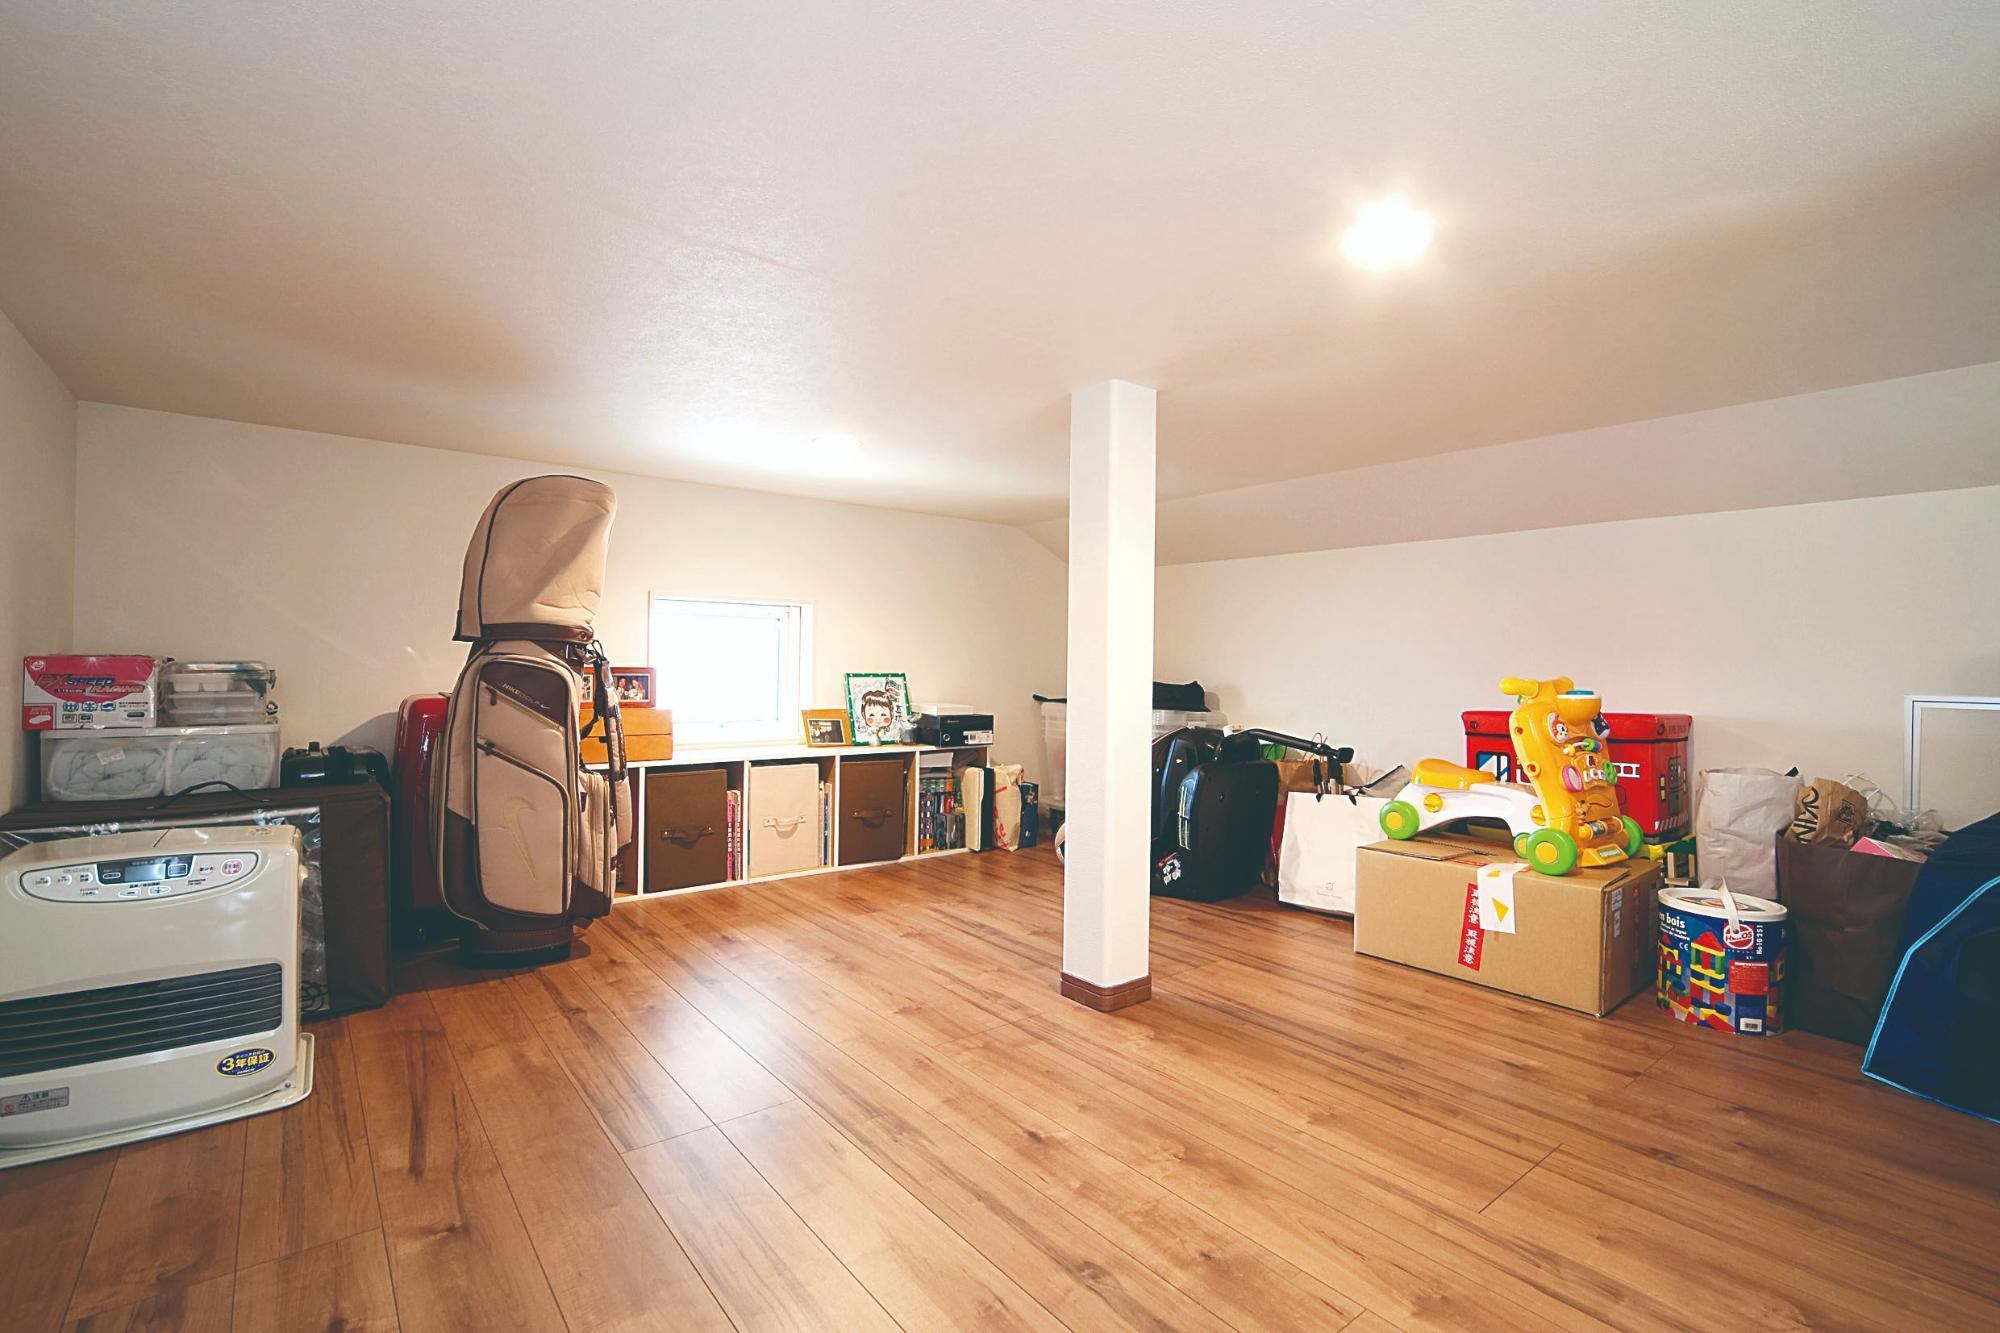 株式会社イシカワ「鋭角屋根が特徴的なスタイリッシュ住宅」のシンプル・ナチュラルな居室の実例写真